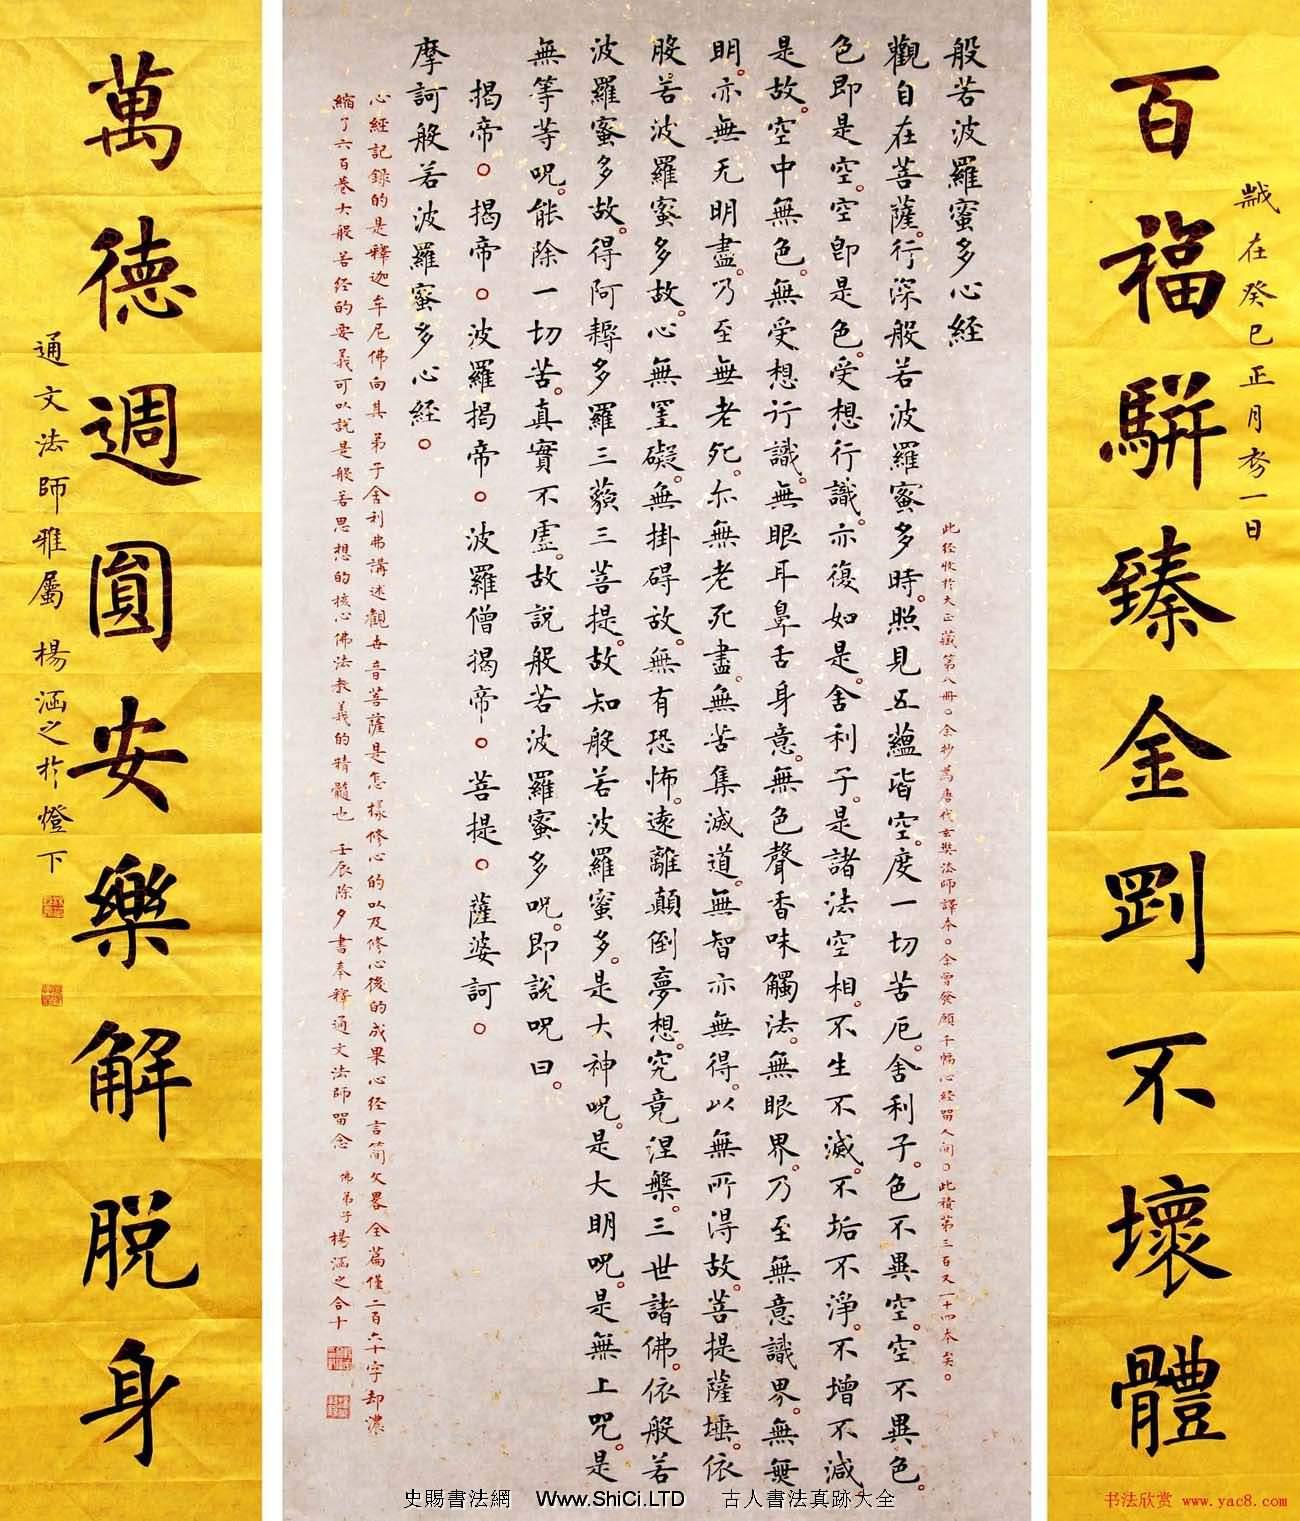 楊涵之楷書作品真跡欣賞《心經》(共9張圖片)